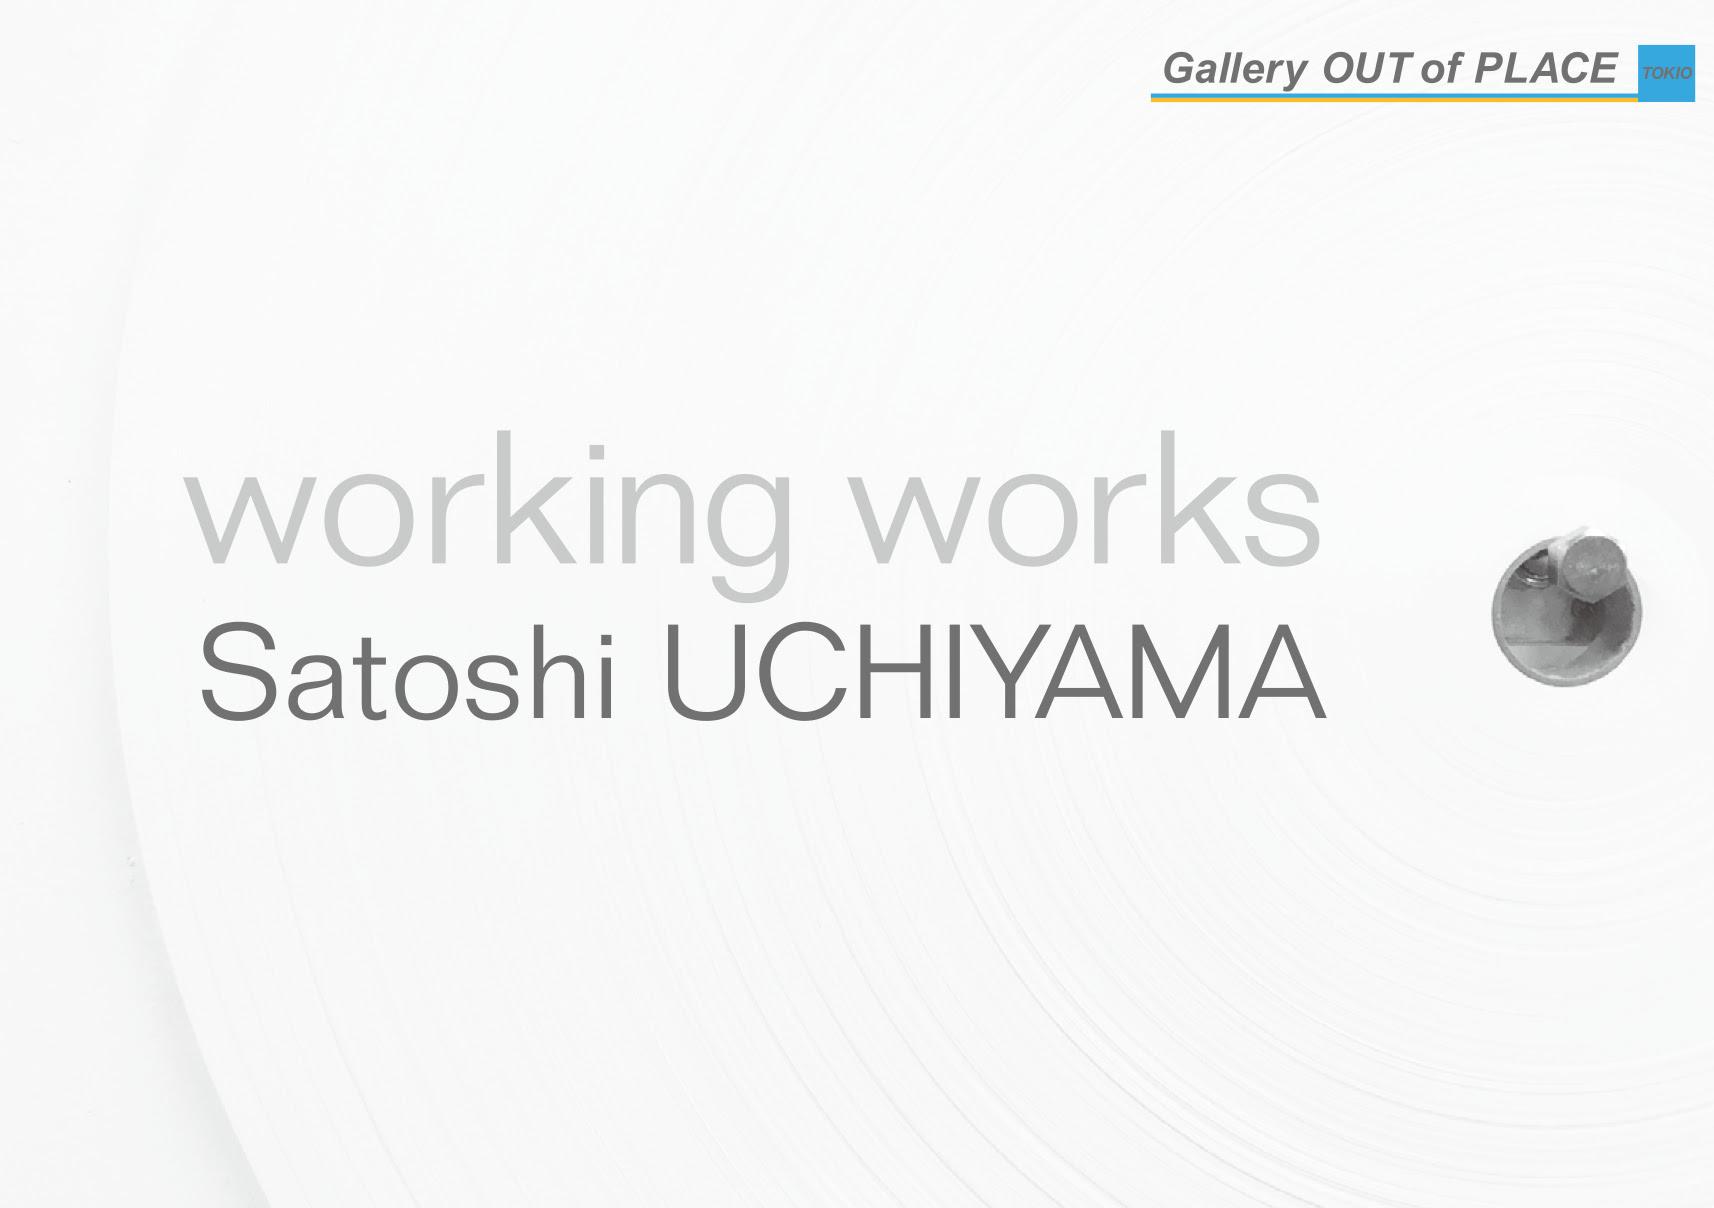 絵画の解体 内山聡 『working works』 【おすすめアート】